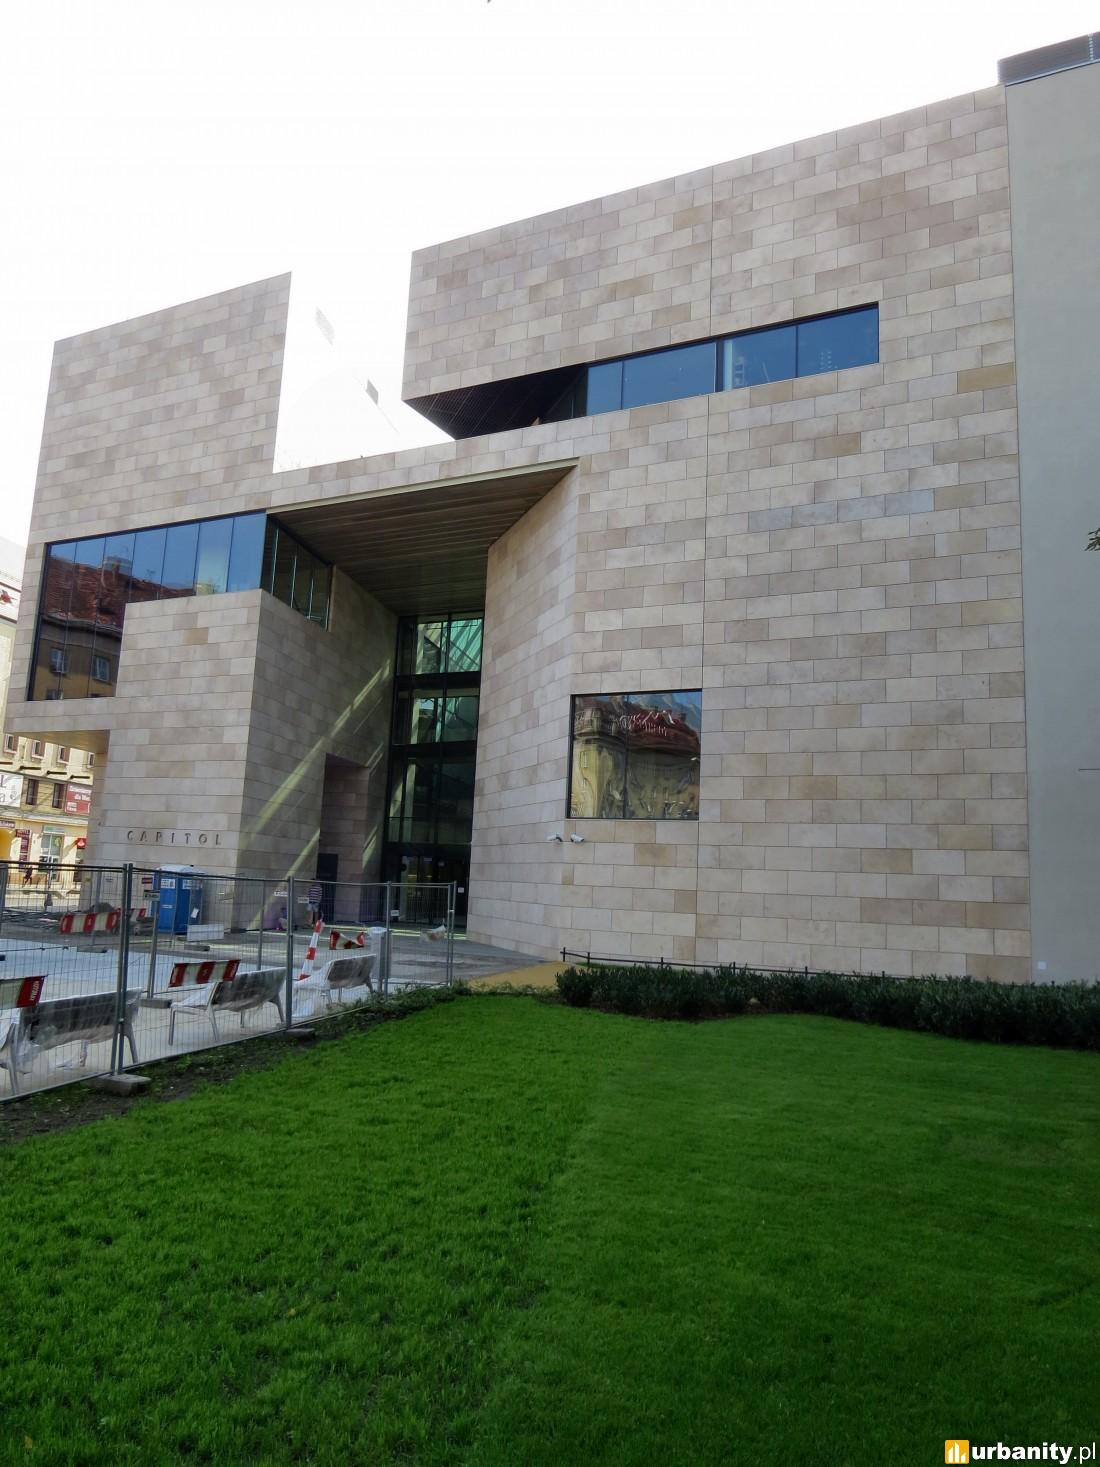 Teatr Muzyczny Capitol Wrocław Piłsudskiego 72